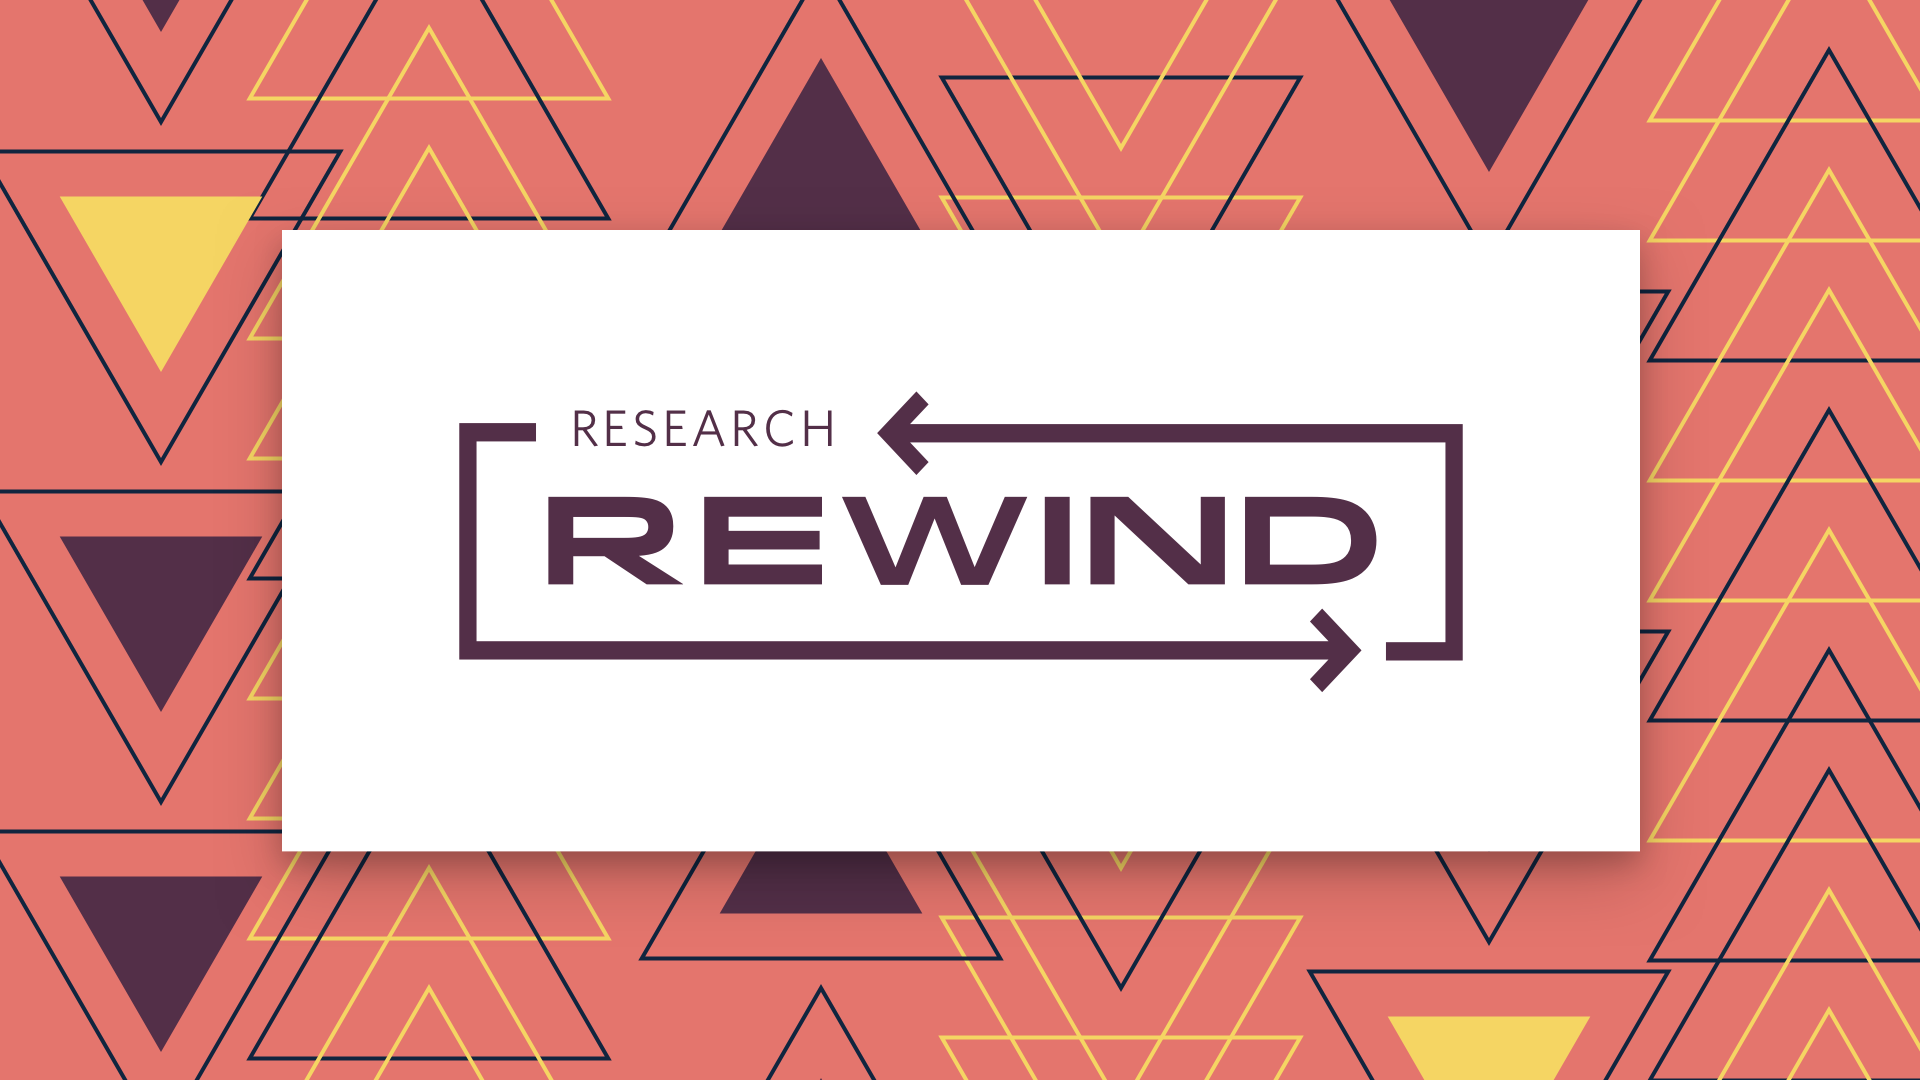 Research Rewind